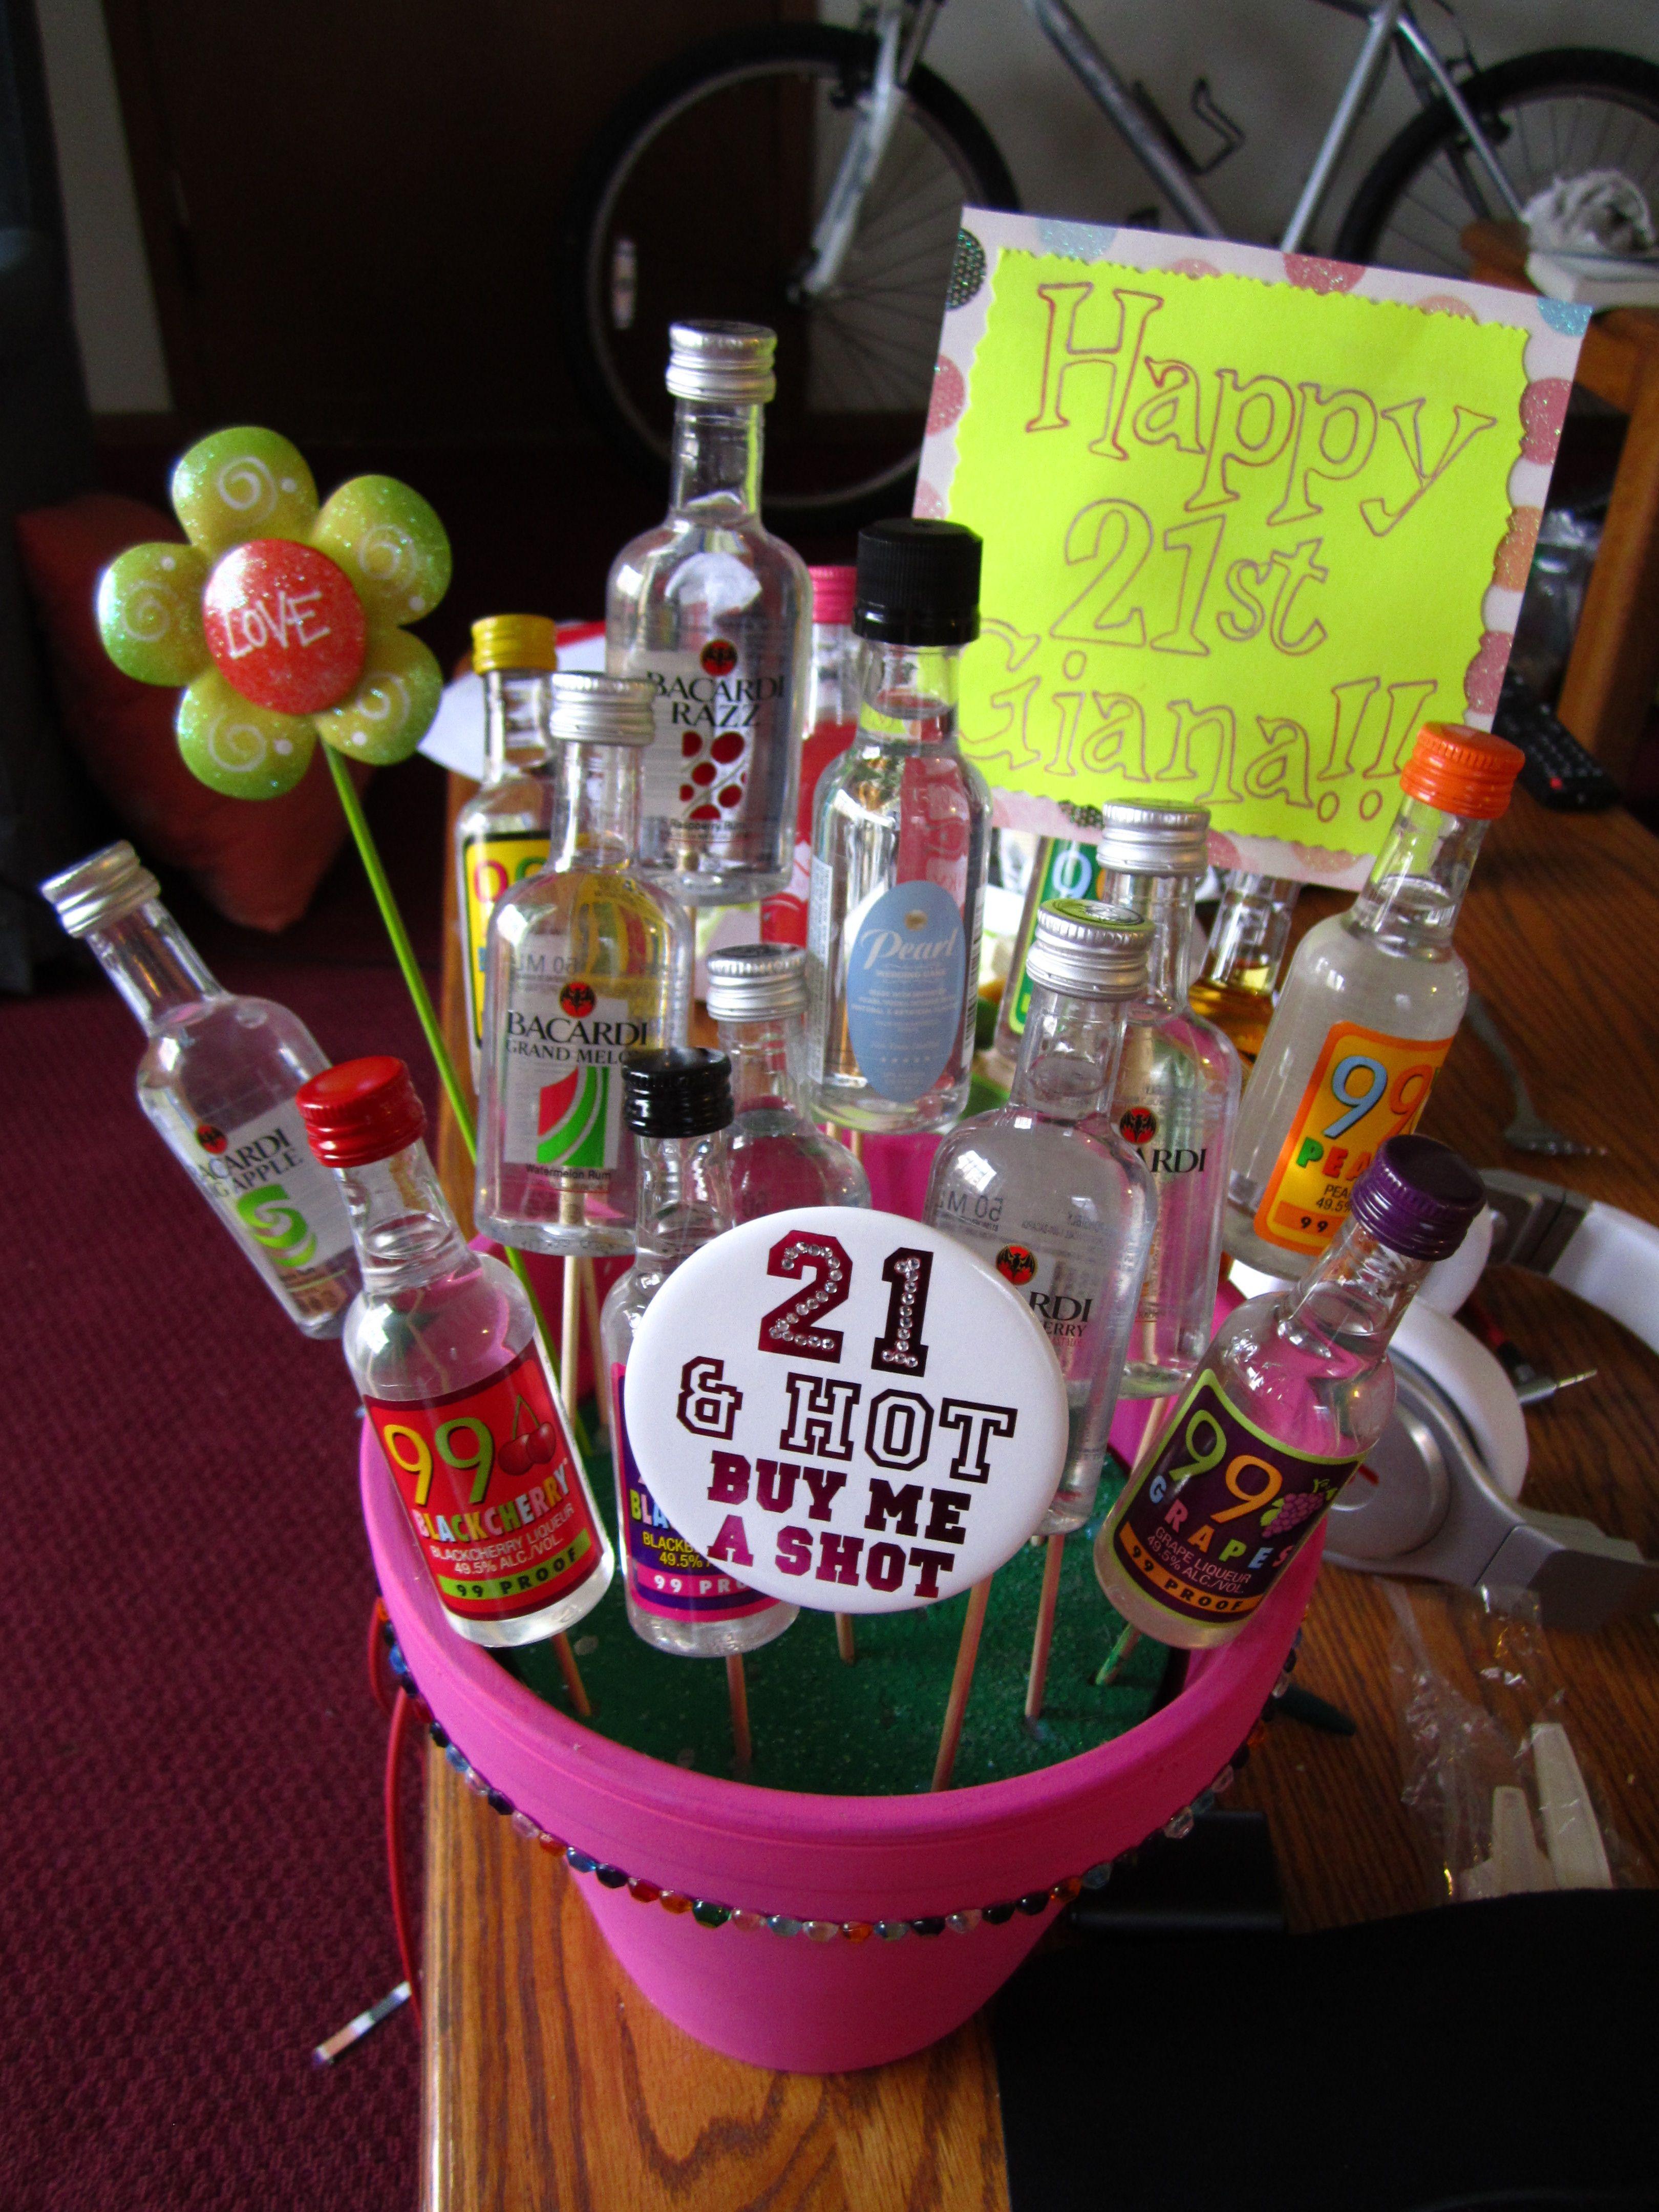 21st birthday present for my best friend 21st birthday